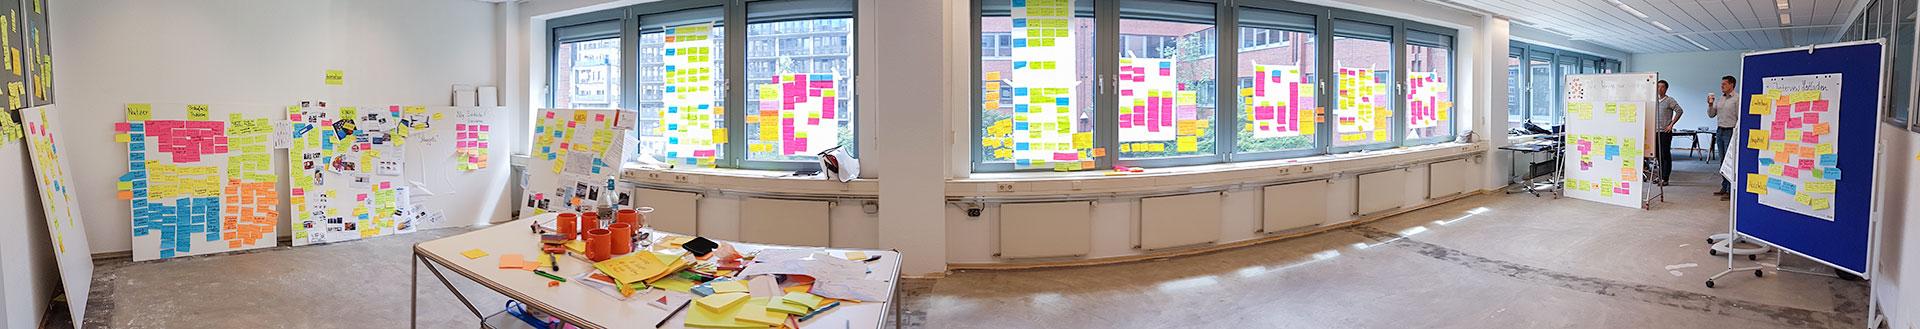 Panorama des Raums nach einem Design Thinking Workshop mit vielen Post Its